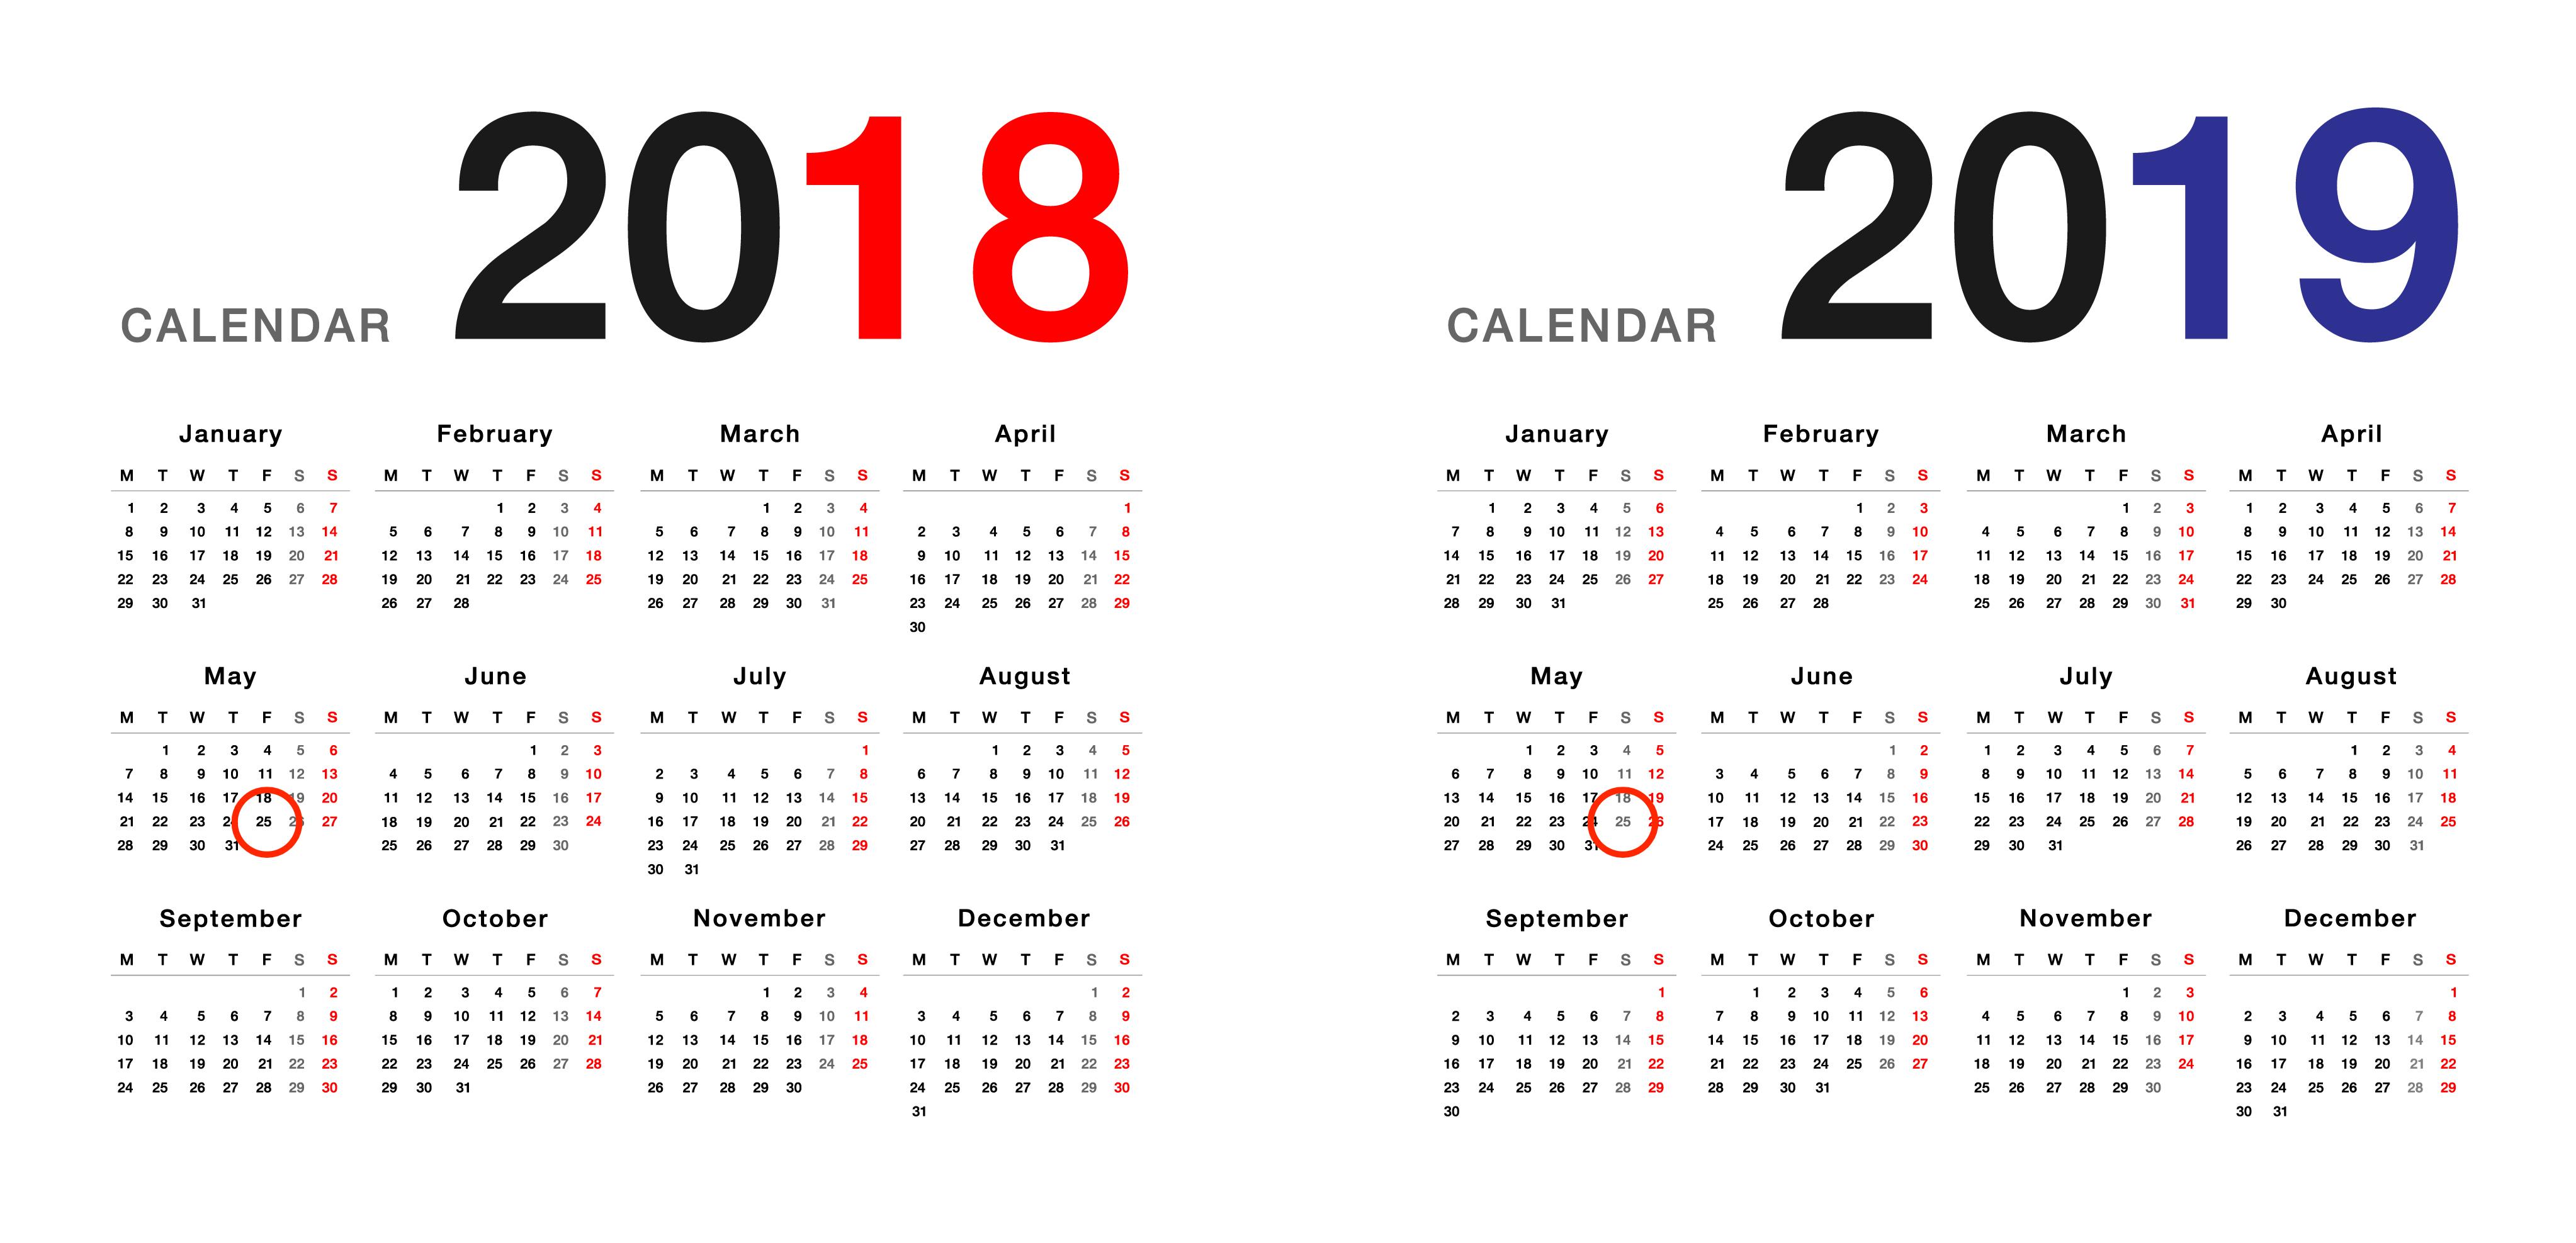 Calendar 28 May 2018 to 28 May 2019